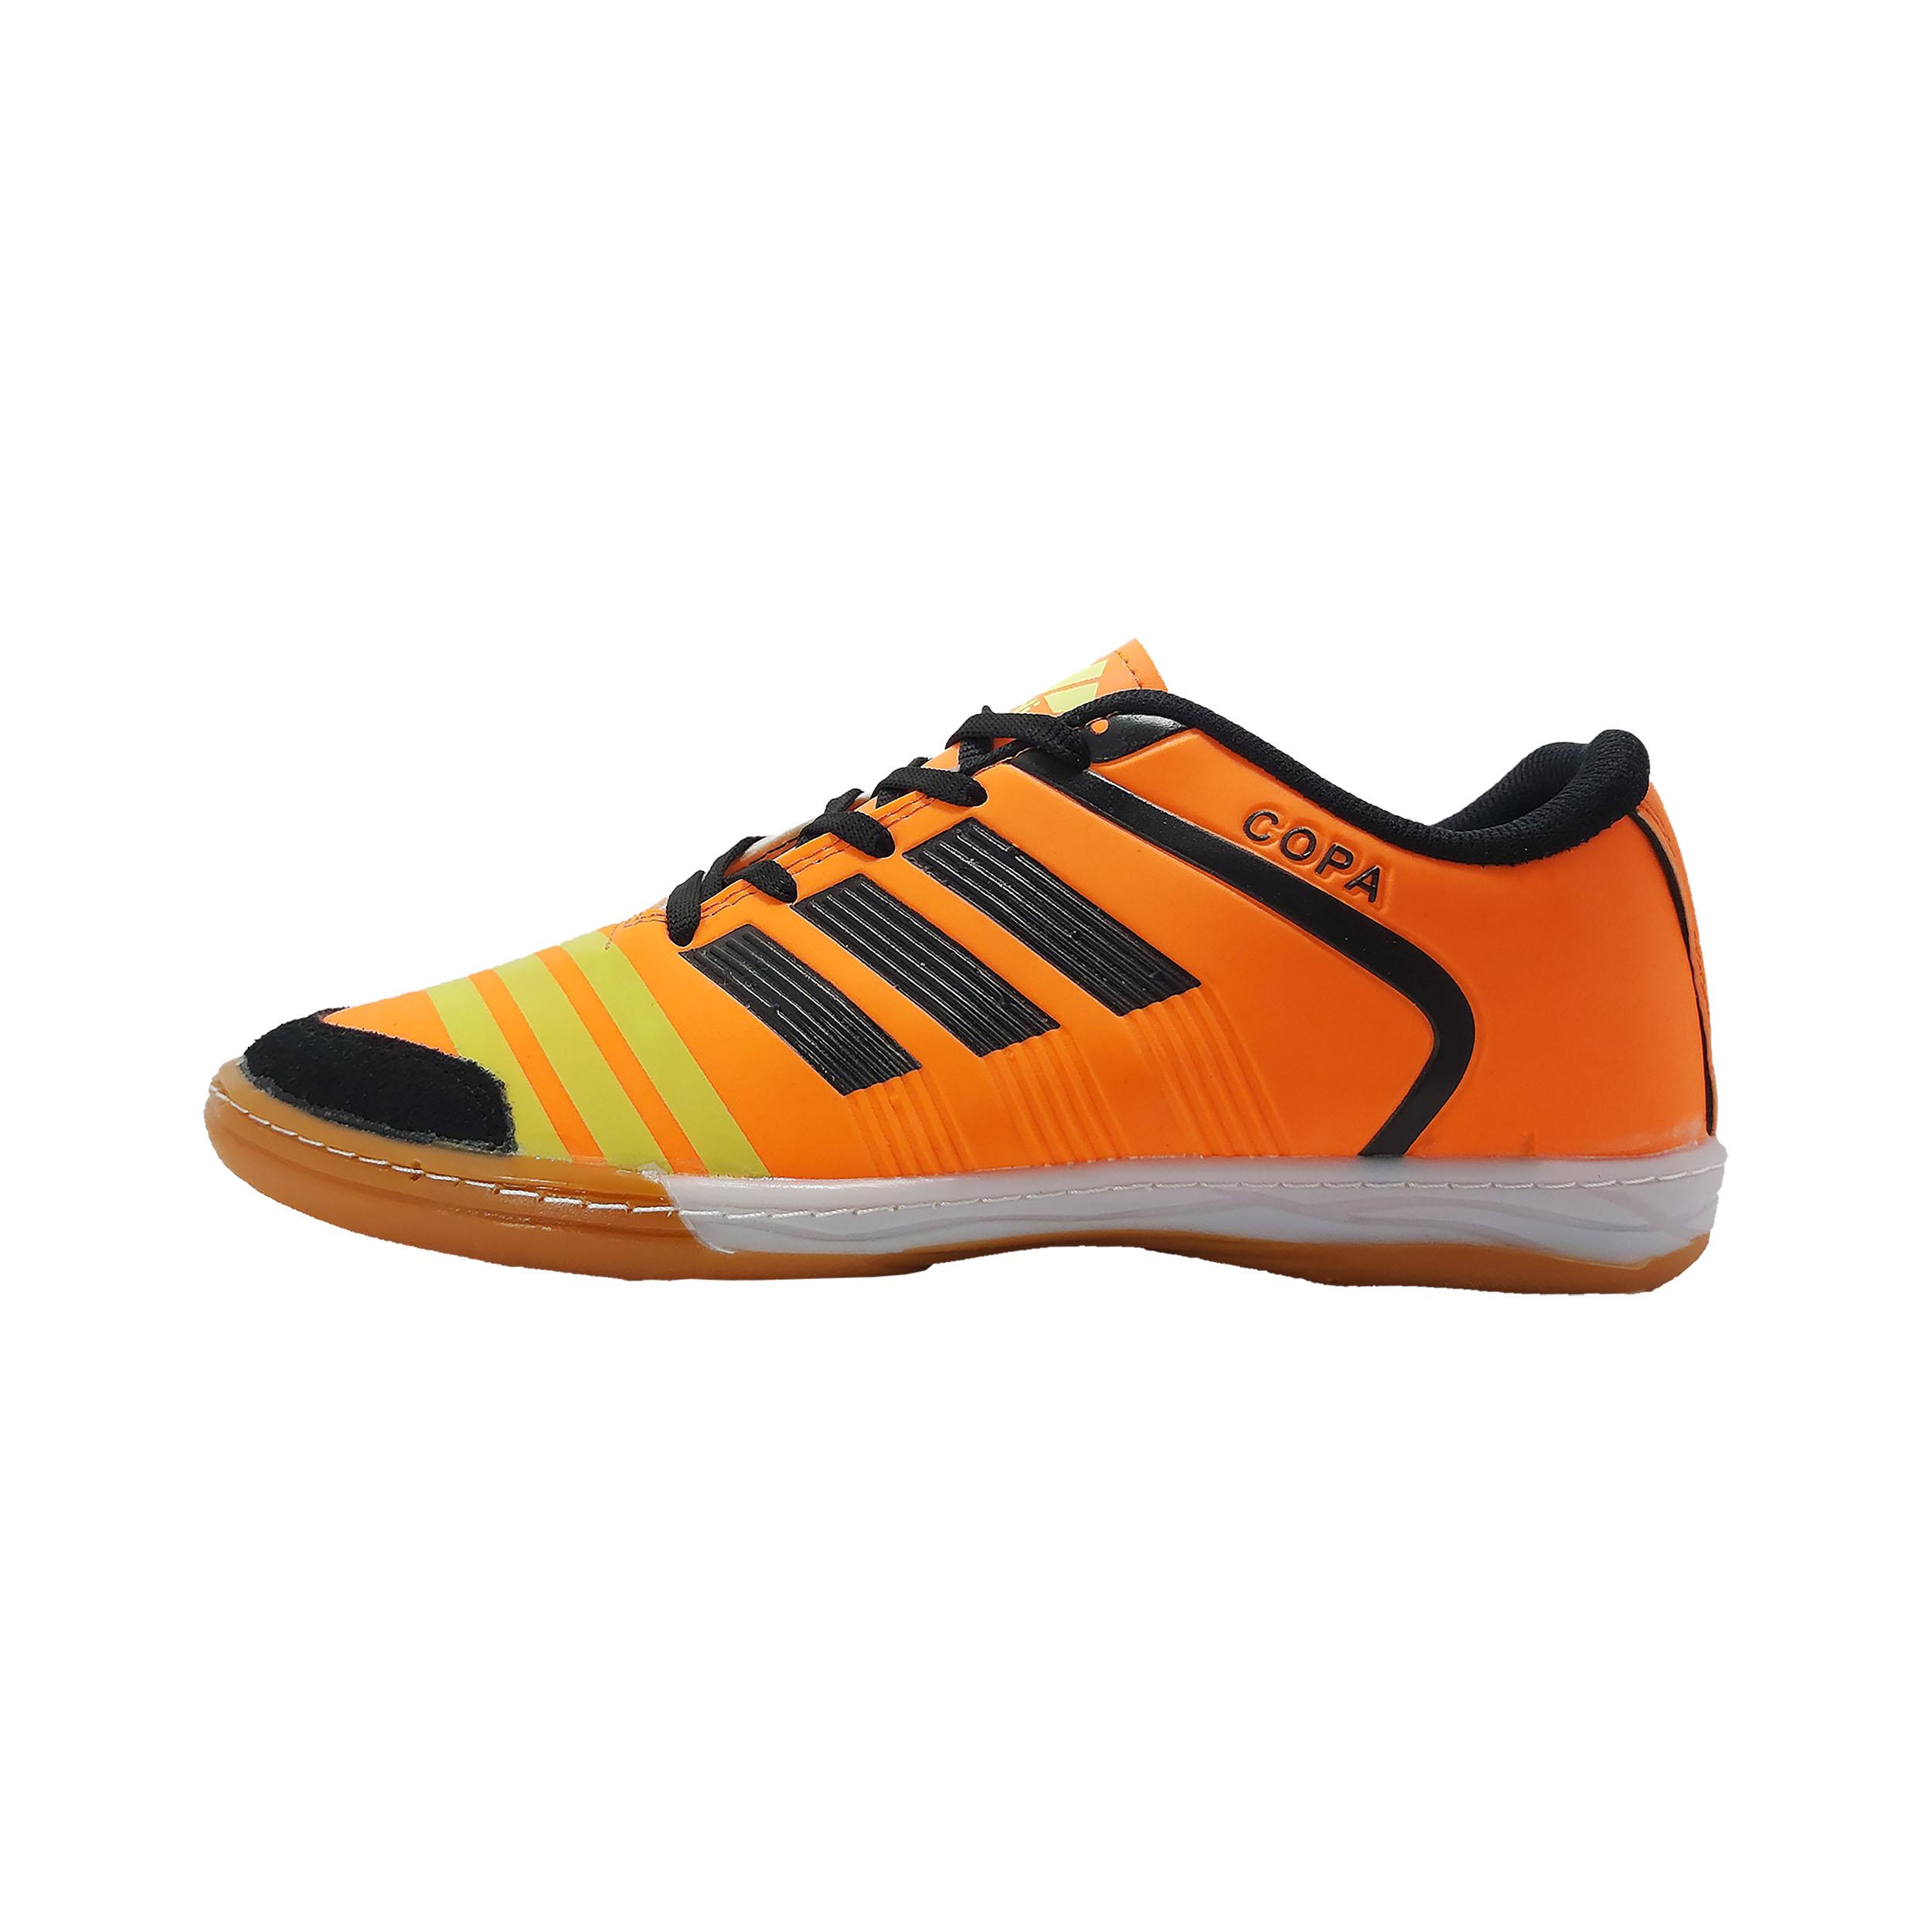 کفش فوتسال مردانه کوپا مدل orancop